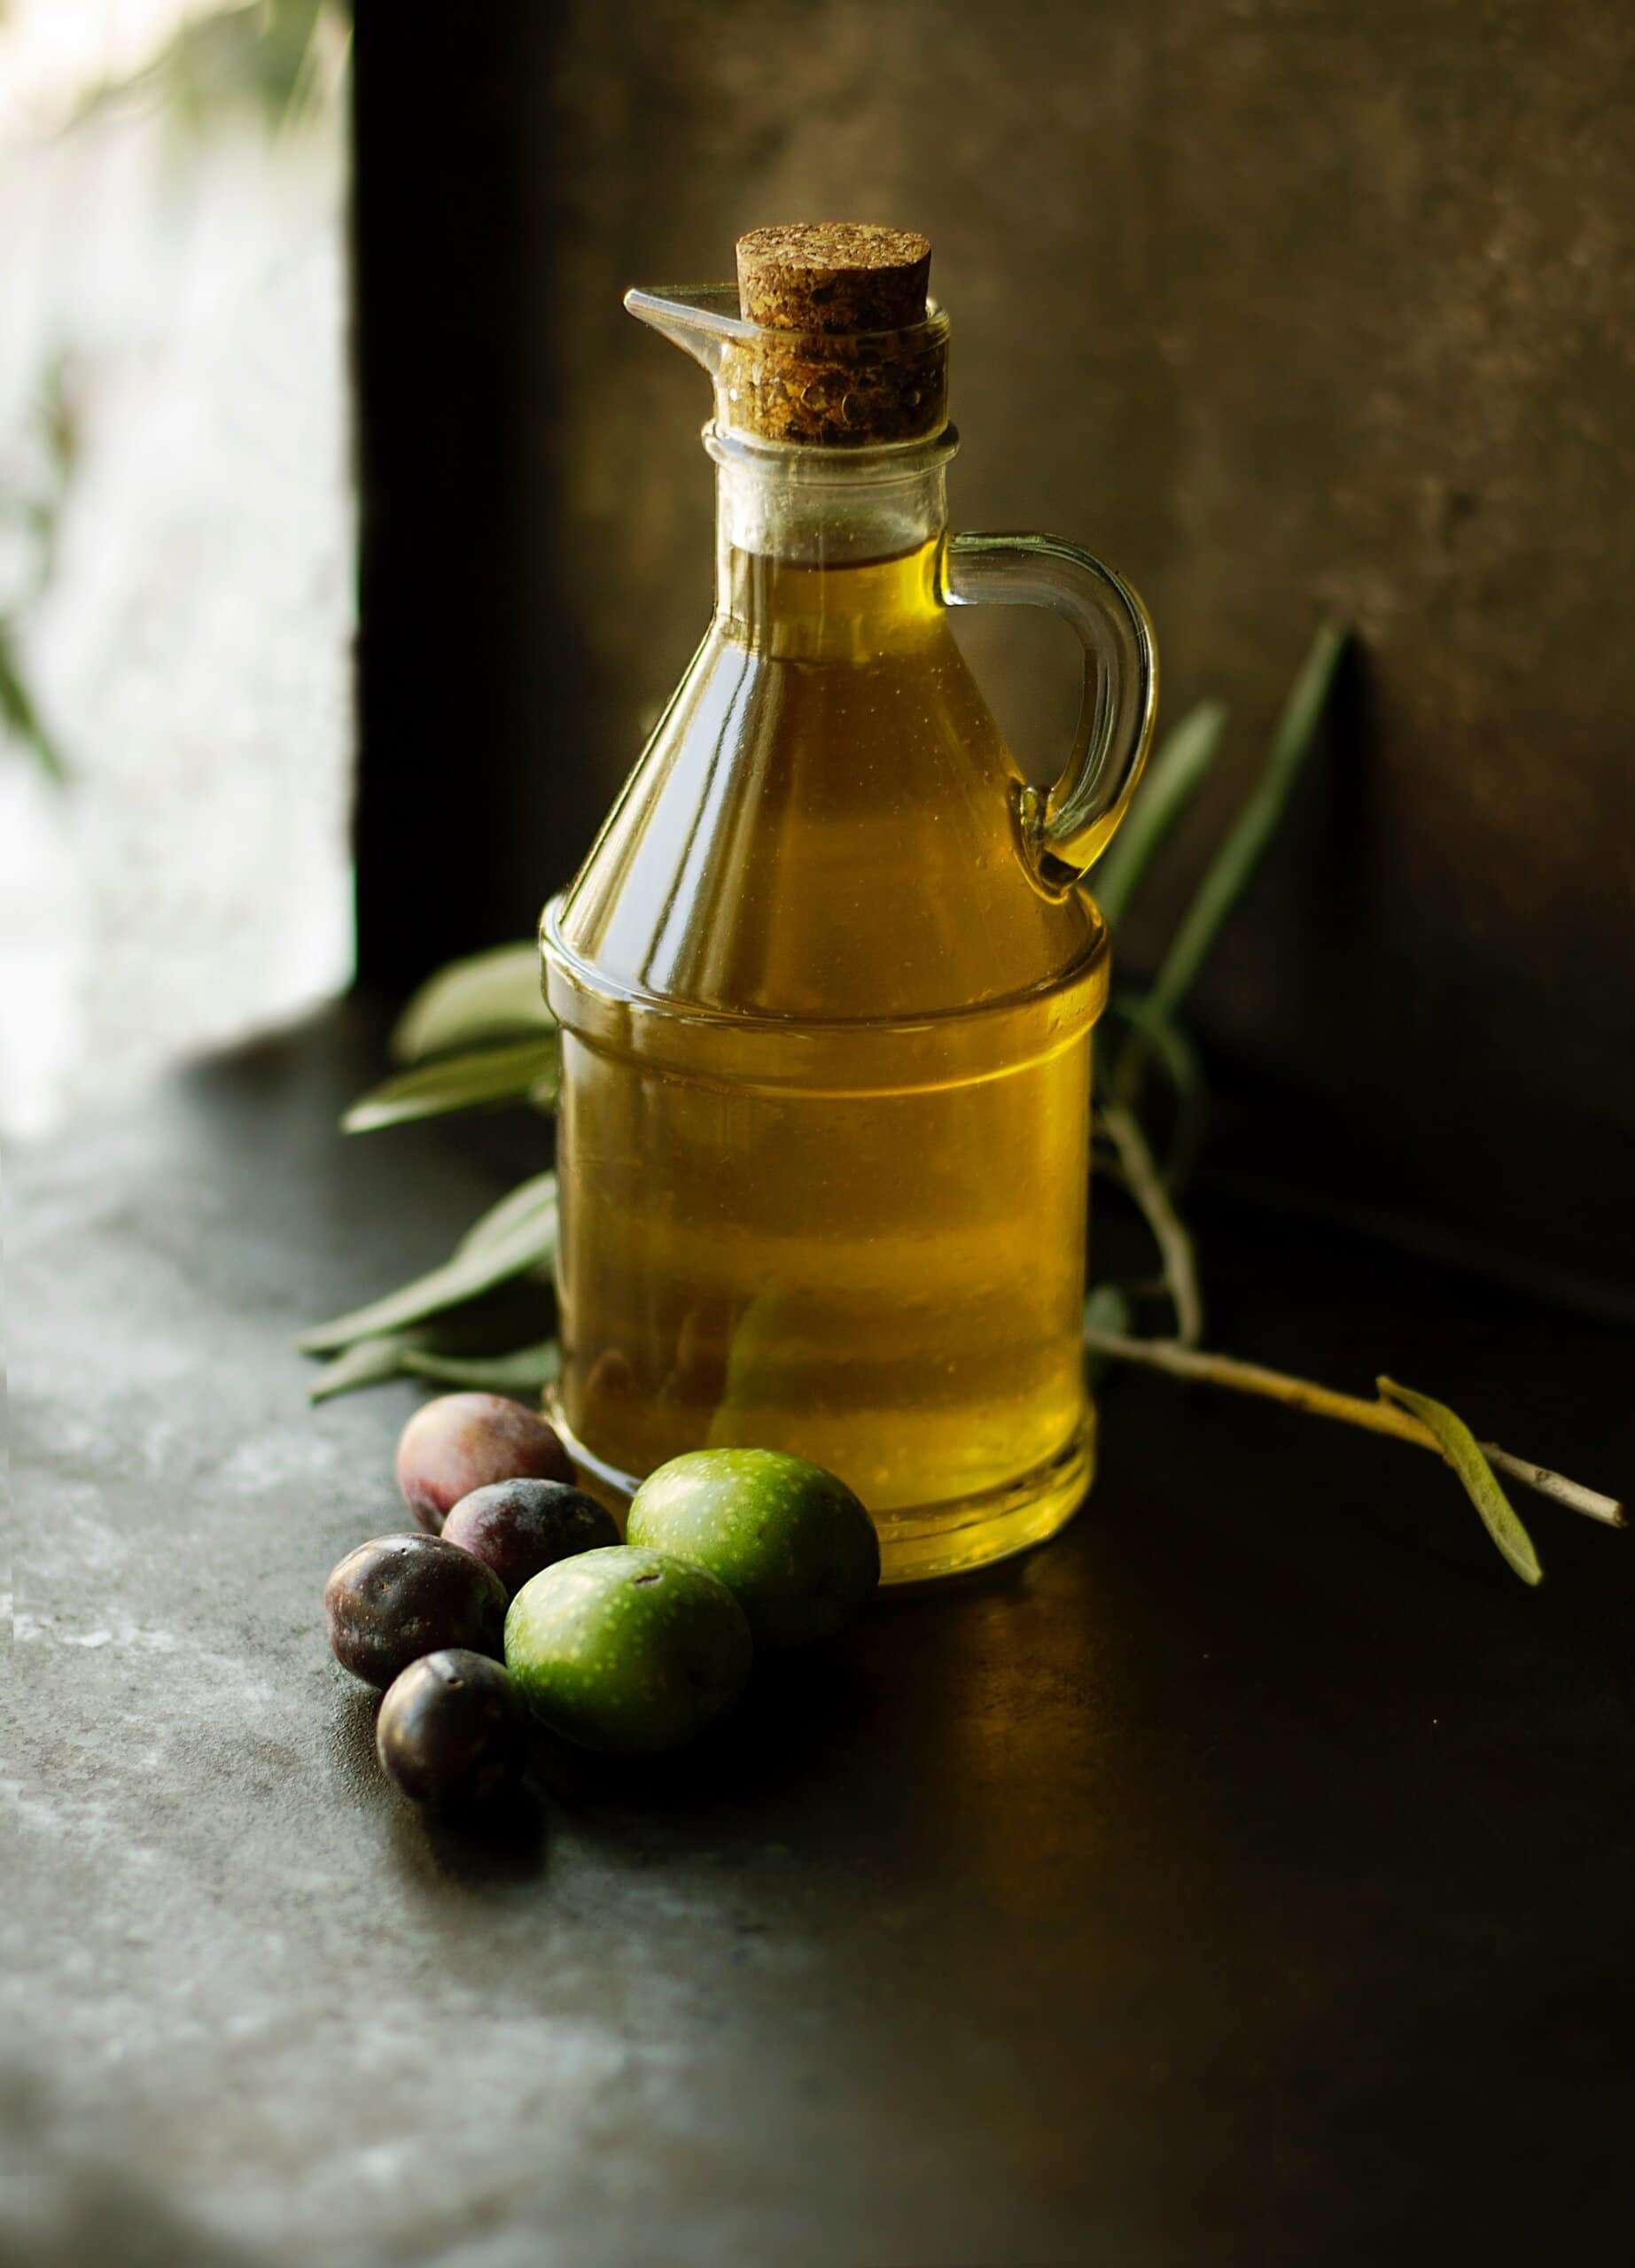 Krem z oliwą - świeży i zdrowy | Balm Boutique oliwa z oliwek scaled